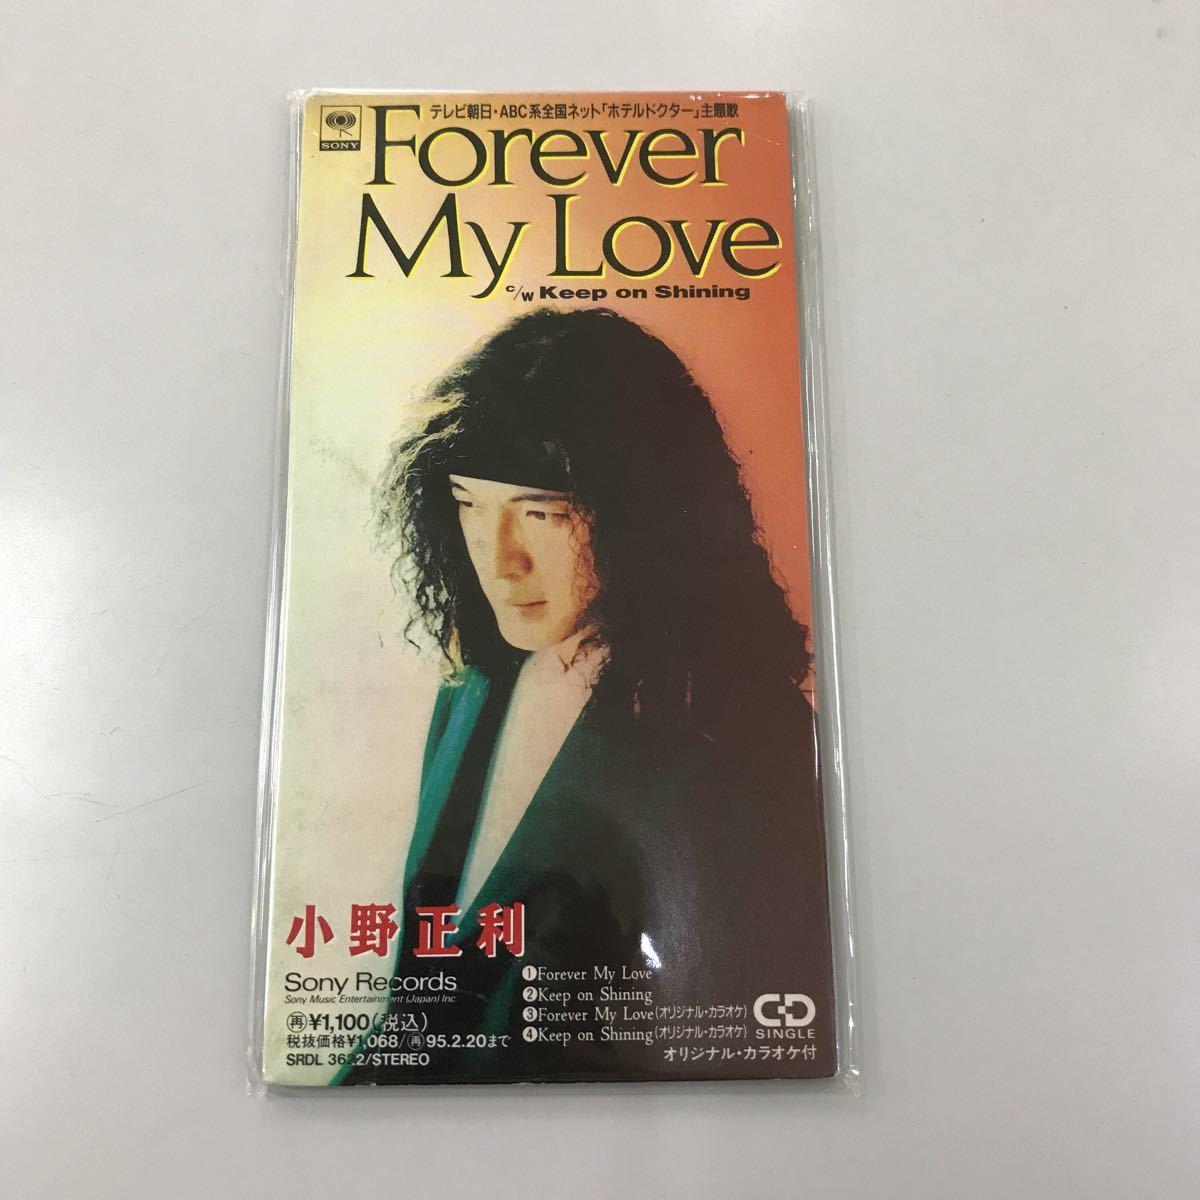 シングルCD 8センチ 中古【邦楽】長期保存品 小野正利 Forever My Love